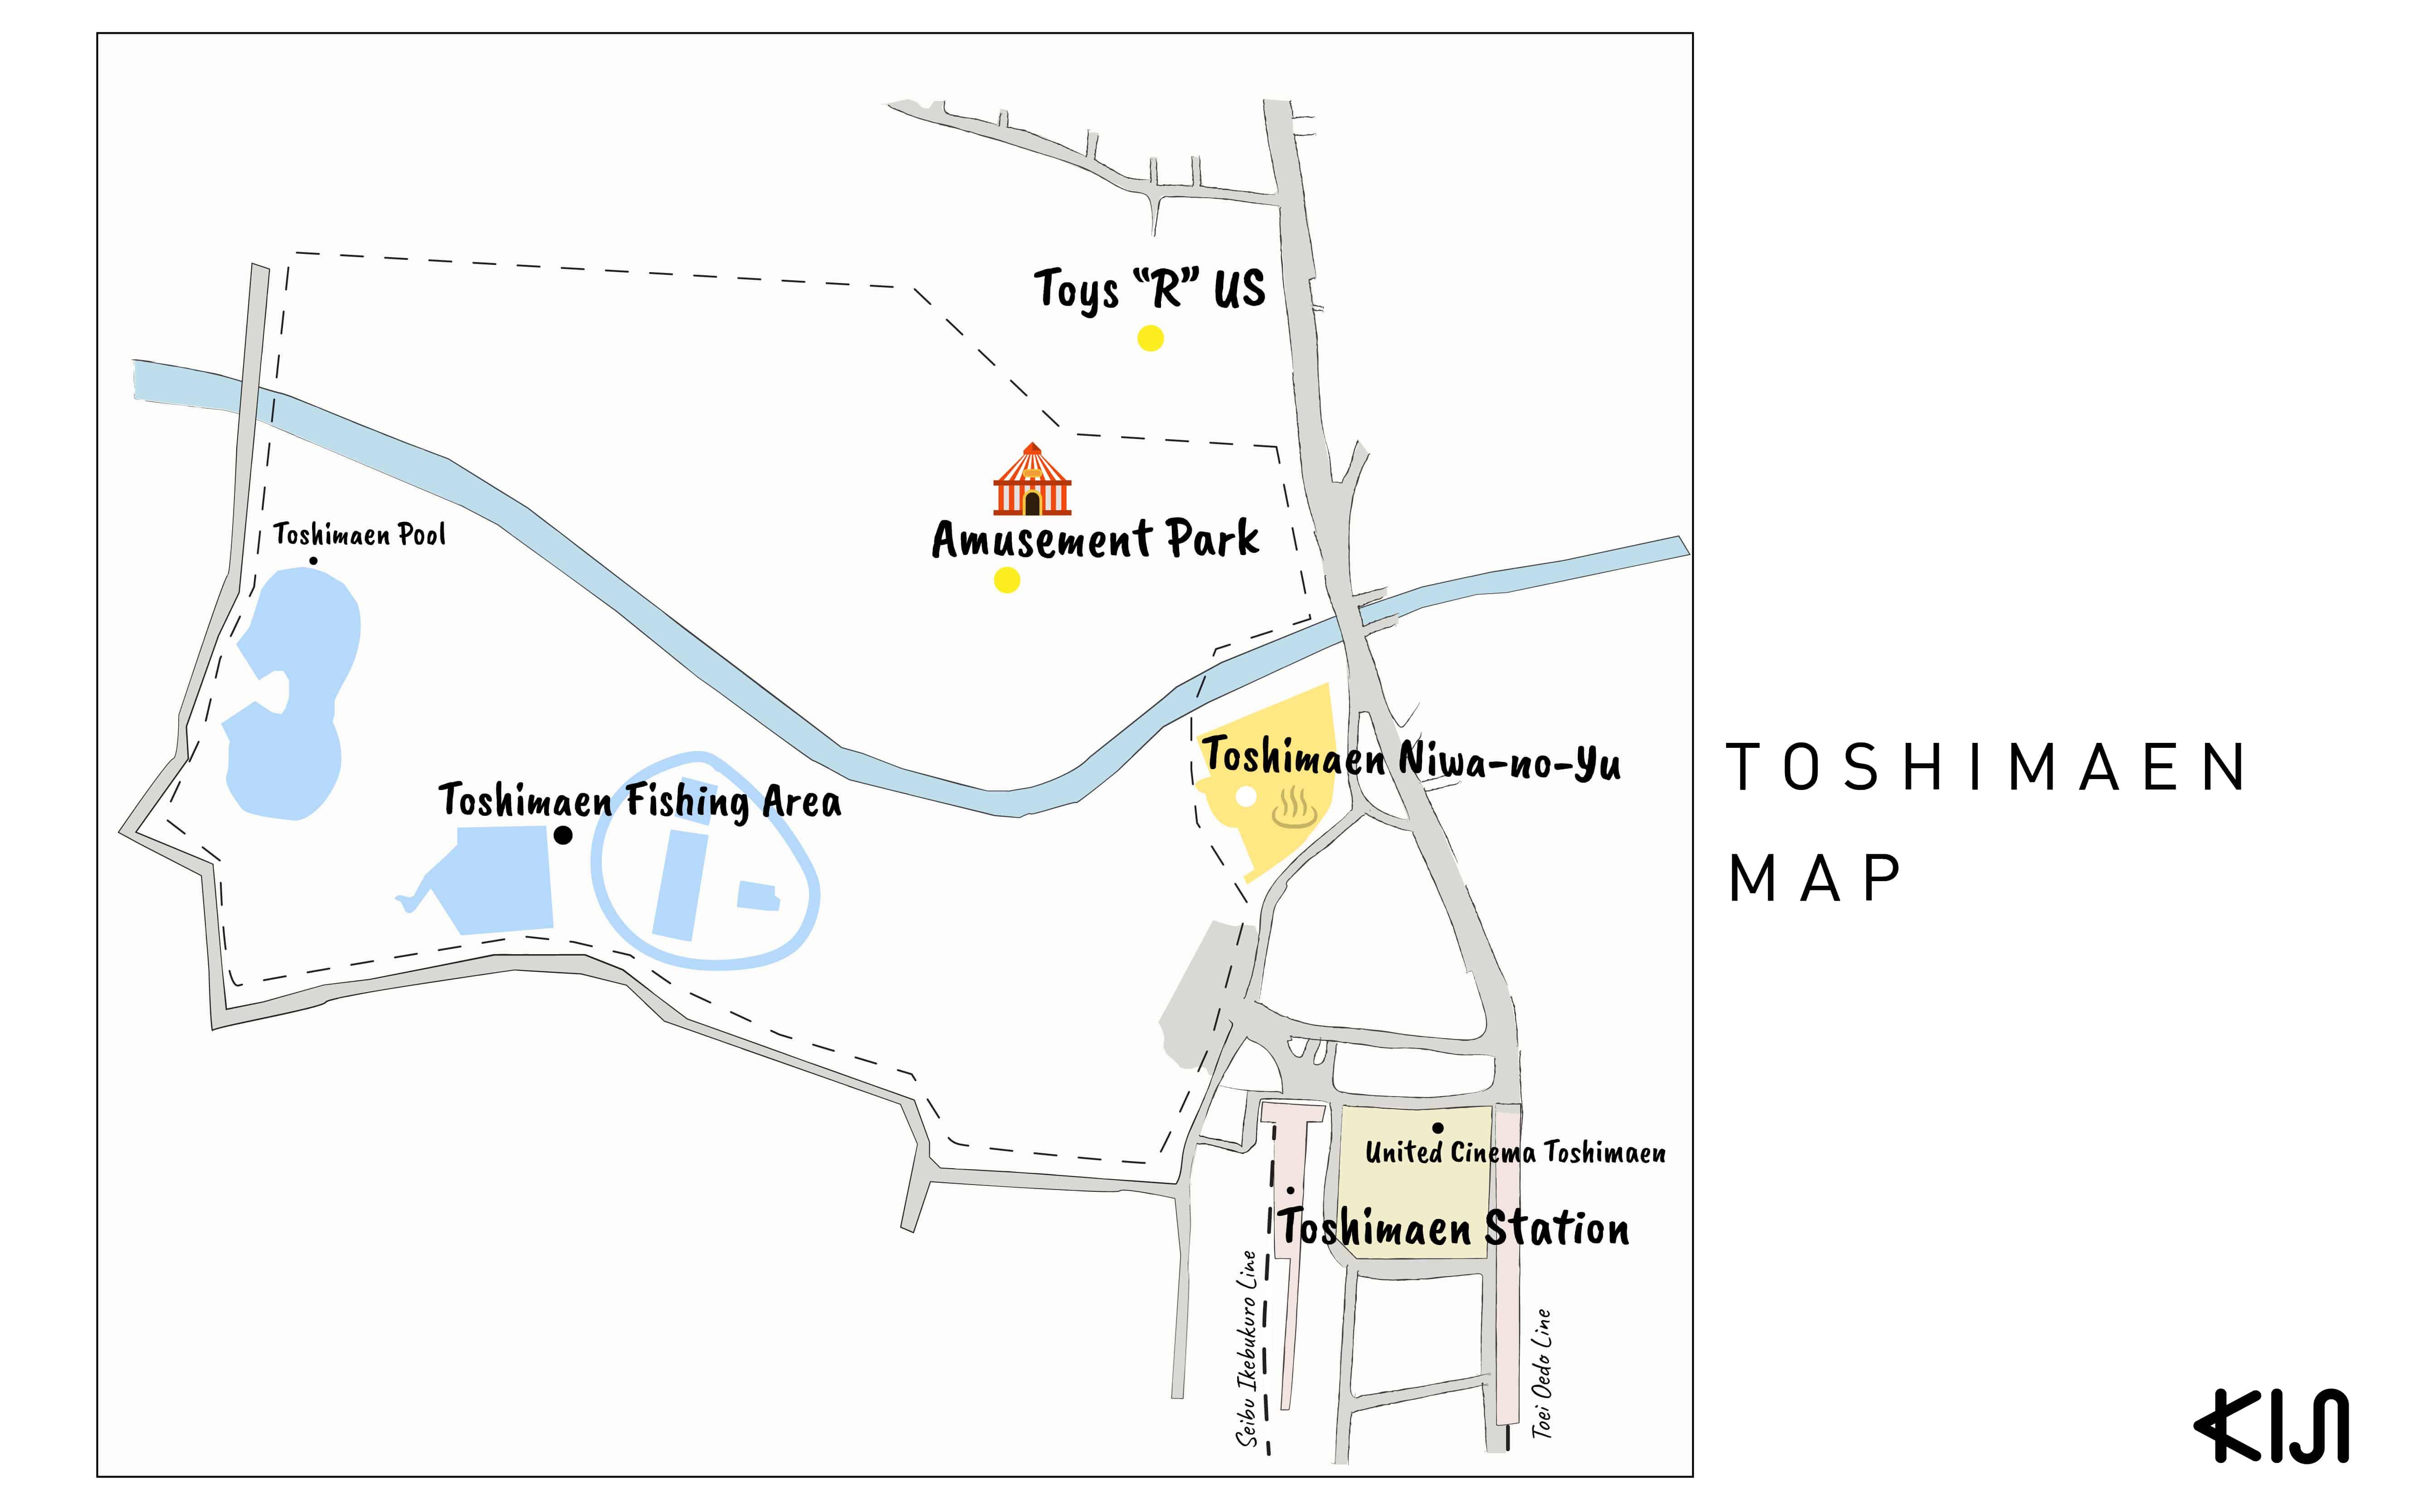 แผนที่บริเวณใกล้ๆ สถานีโทชิมะเอ็น (Toshimaen Station)